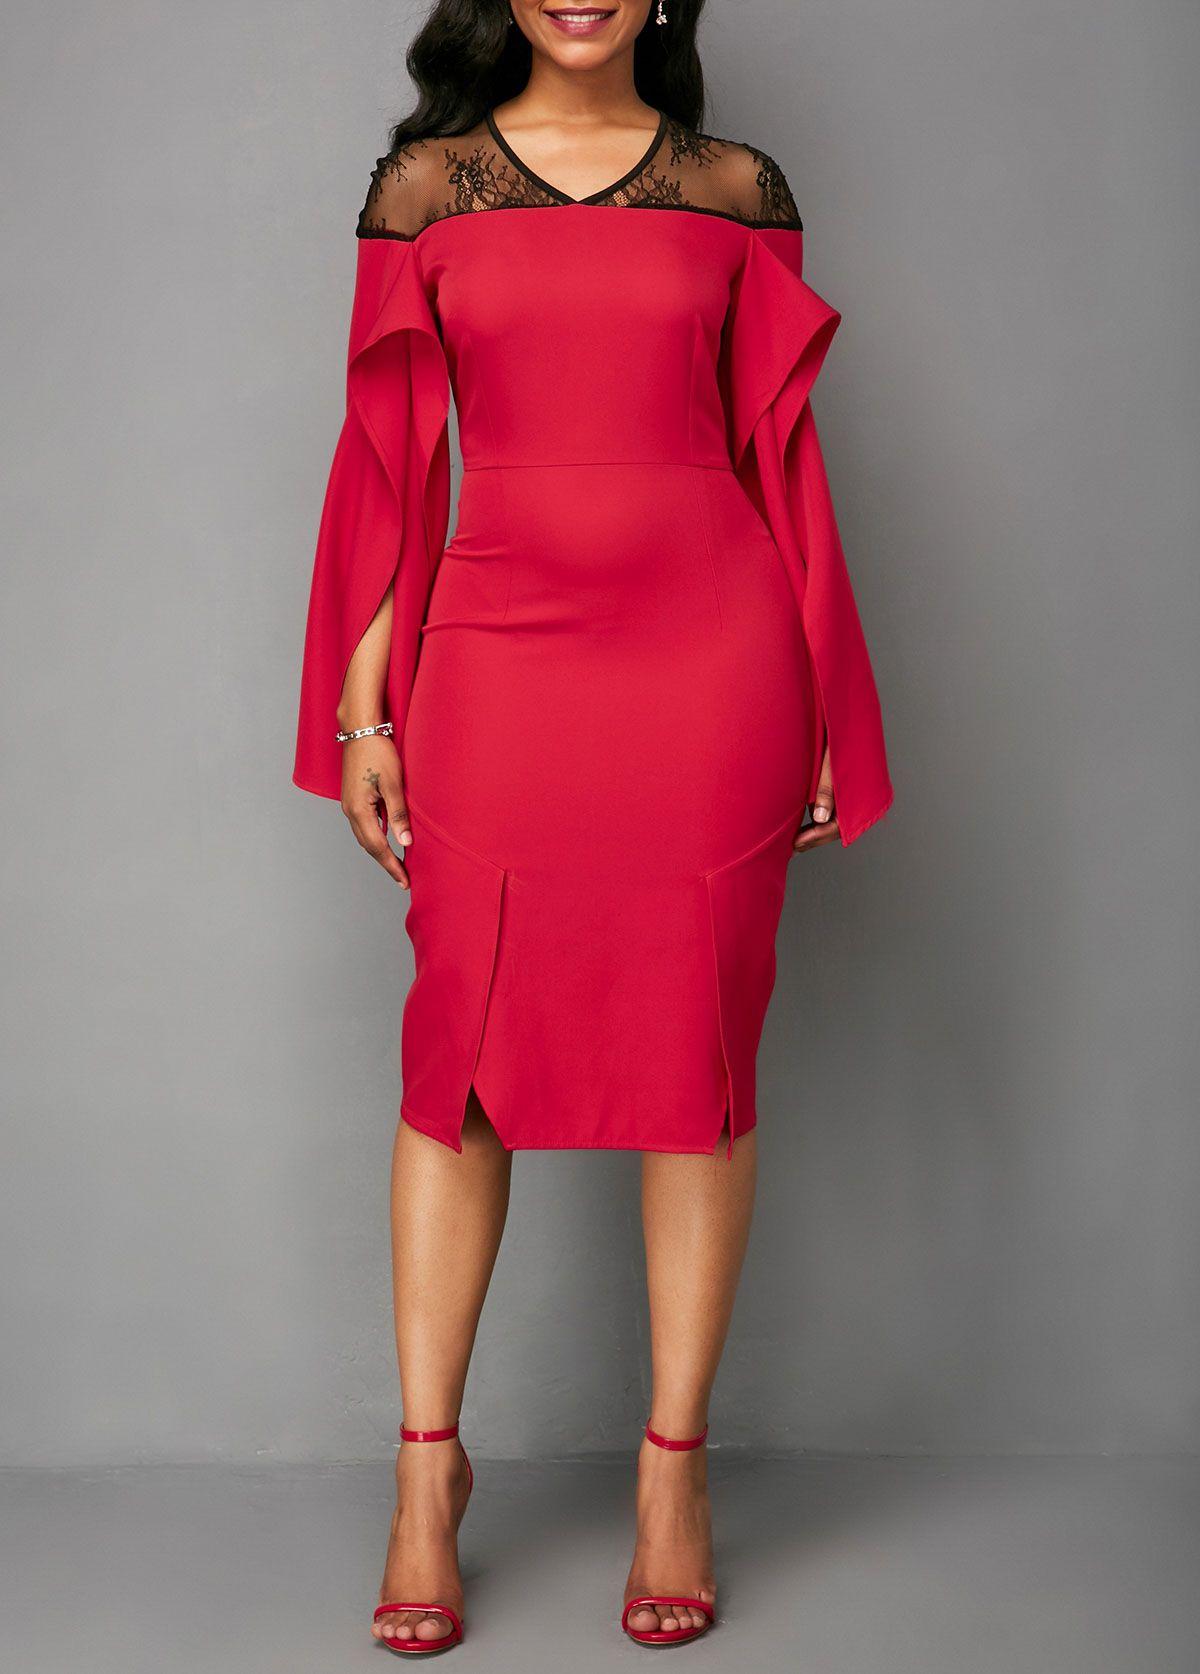 9b09b5e5551 V Neck Long Sleeve Red Dress